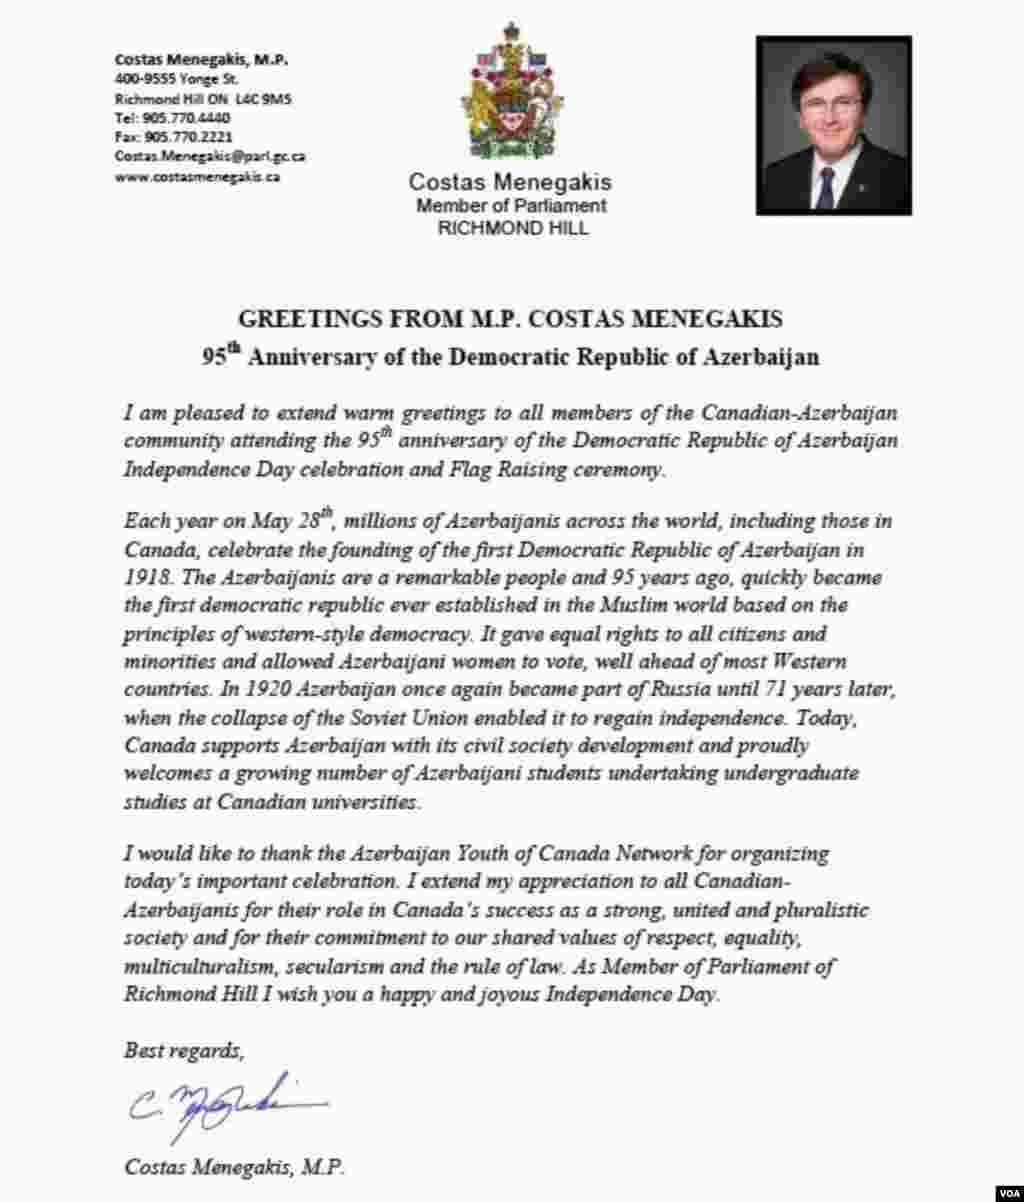 Azərbaycan Respublikasının yaradılmasının 95 illiyi münasibətilə Kanada parlamentinin üzvü Kostas Meneqakisin təbrik mesajı.